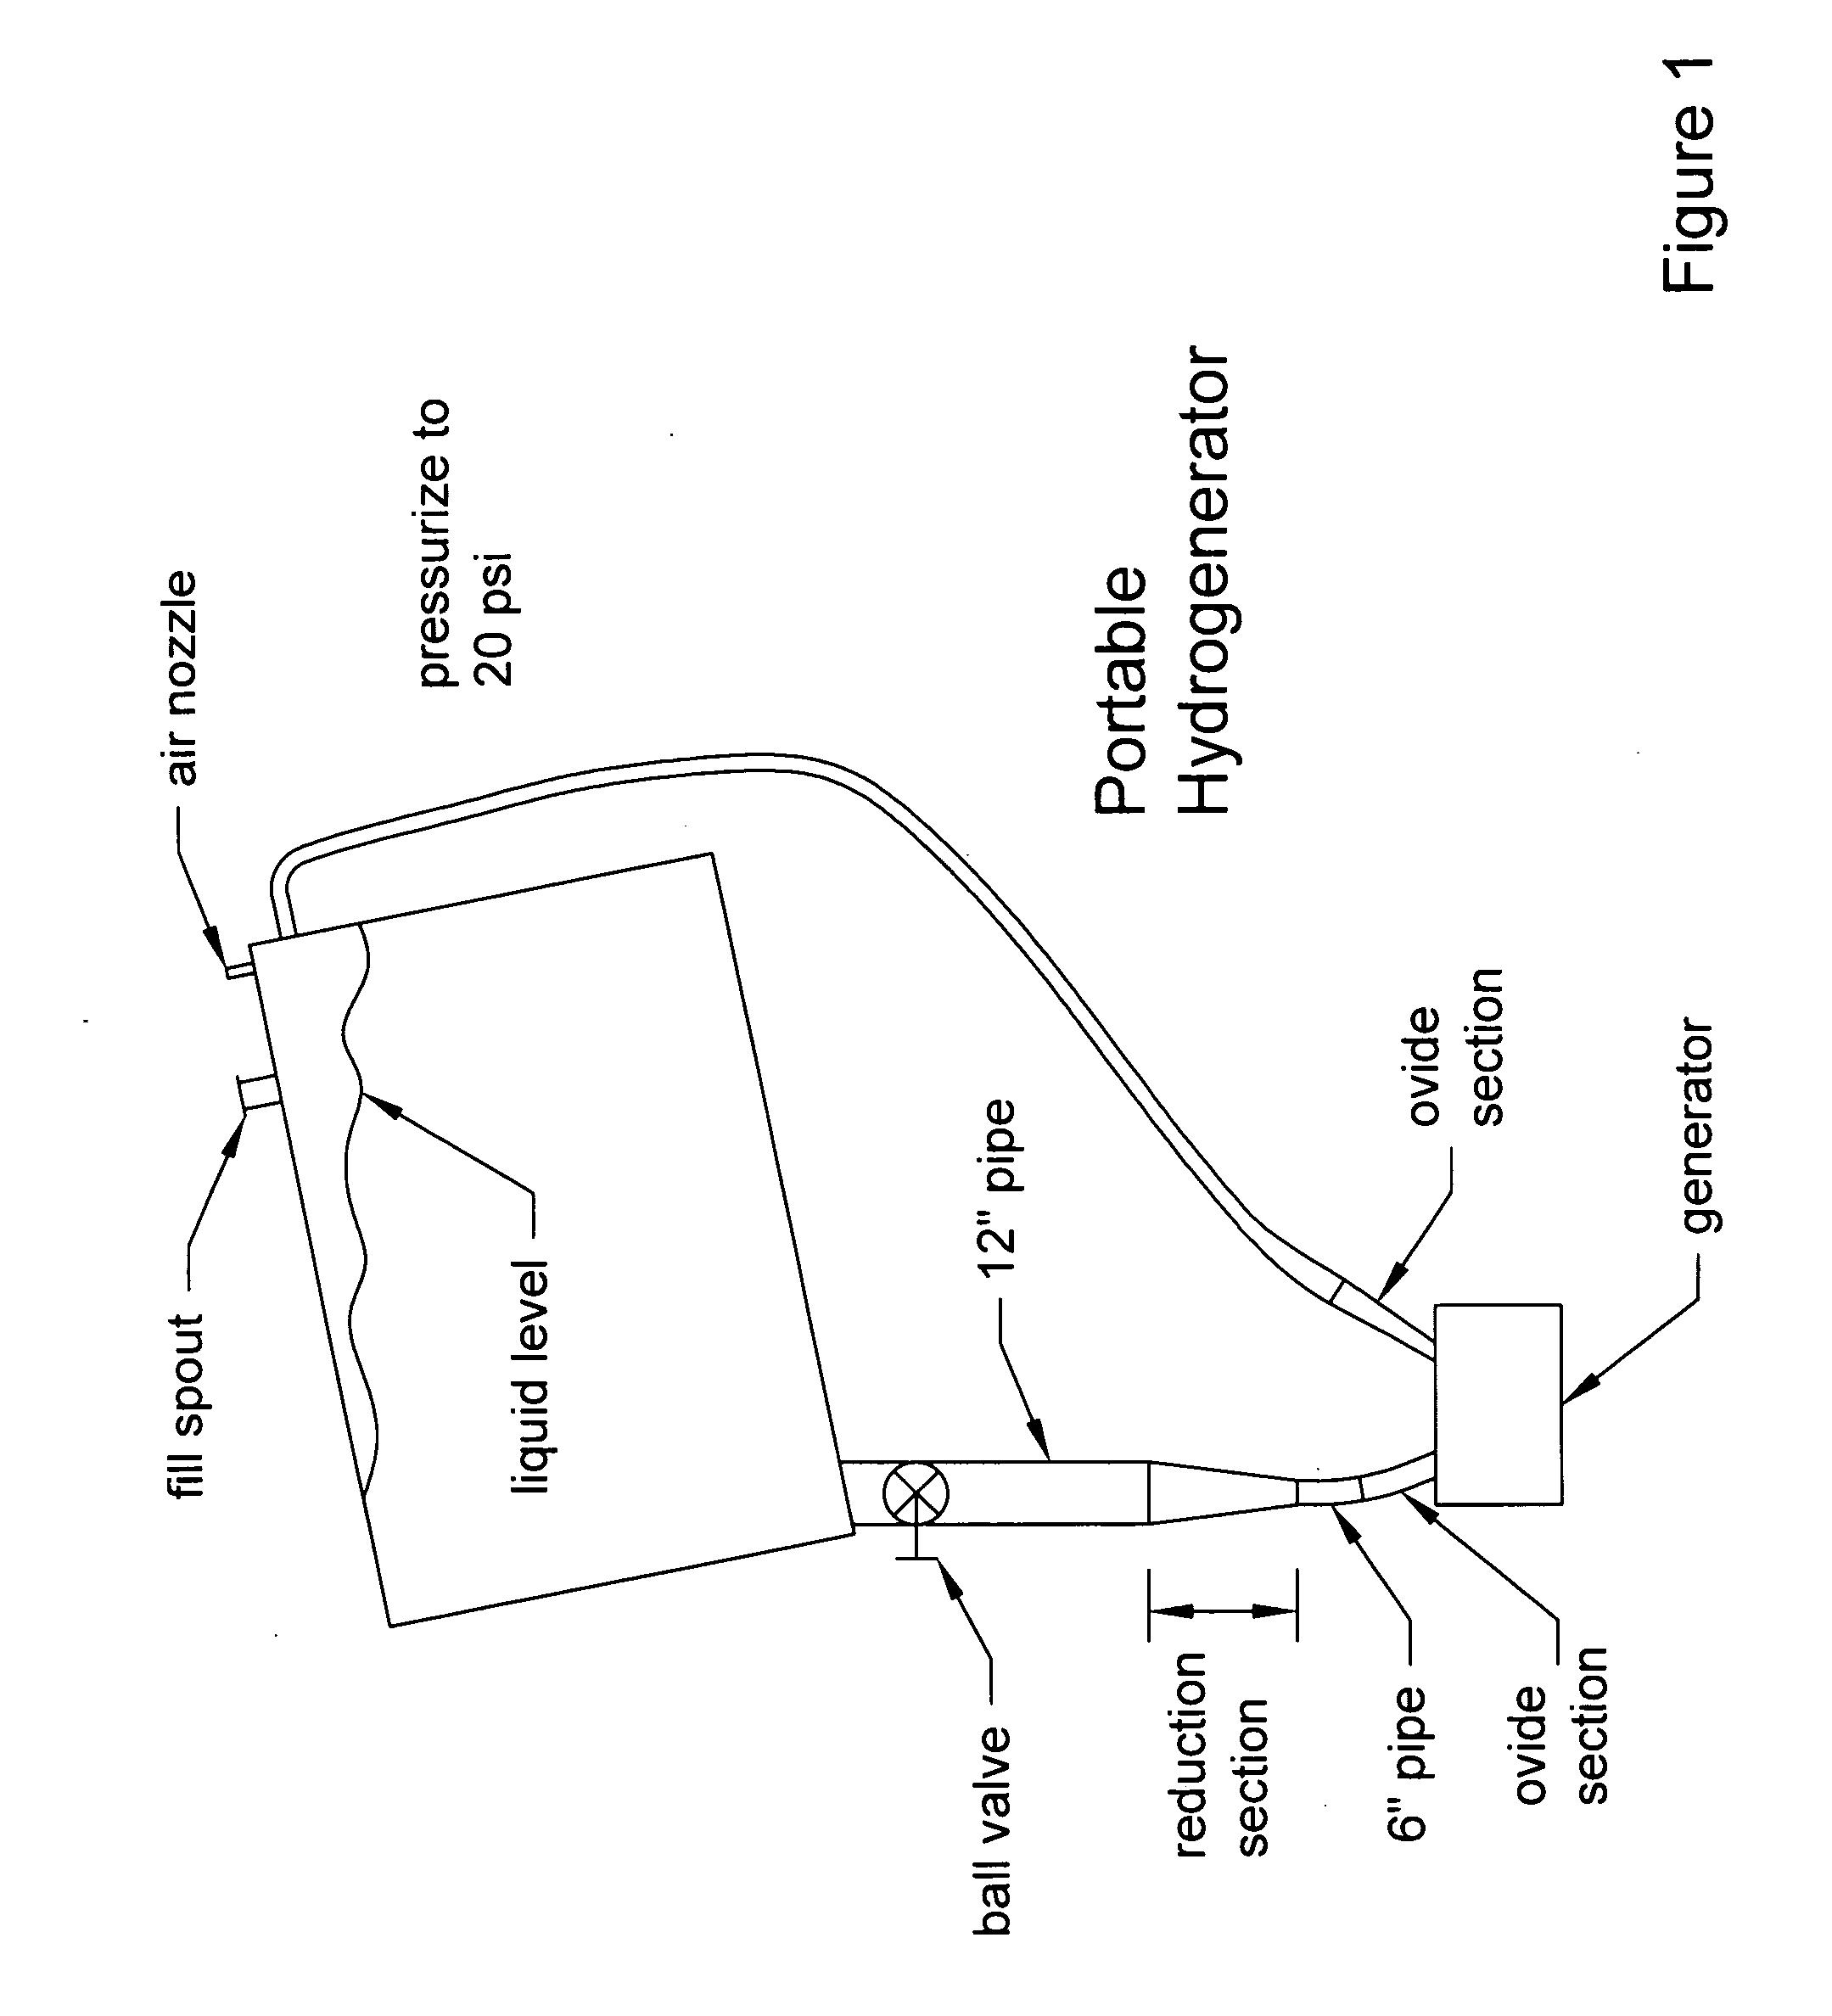 patent us20120207588